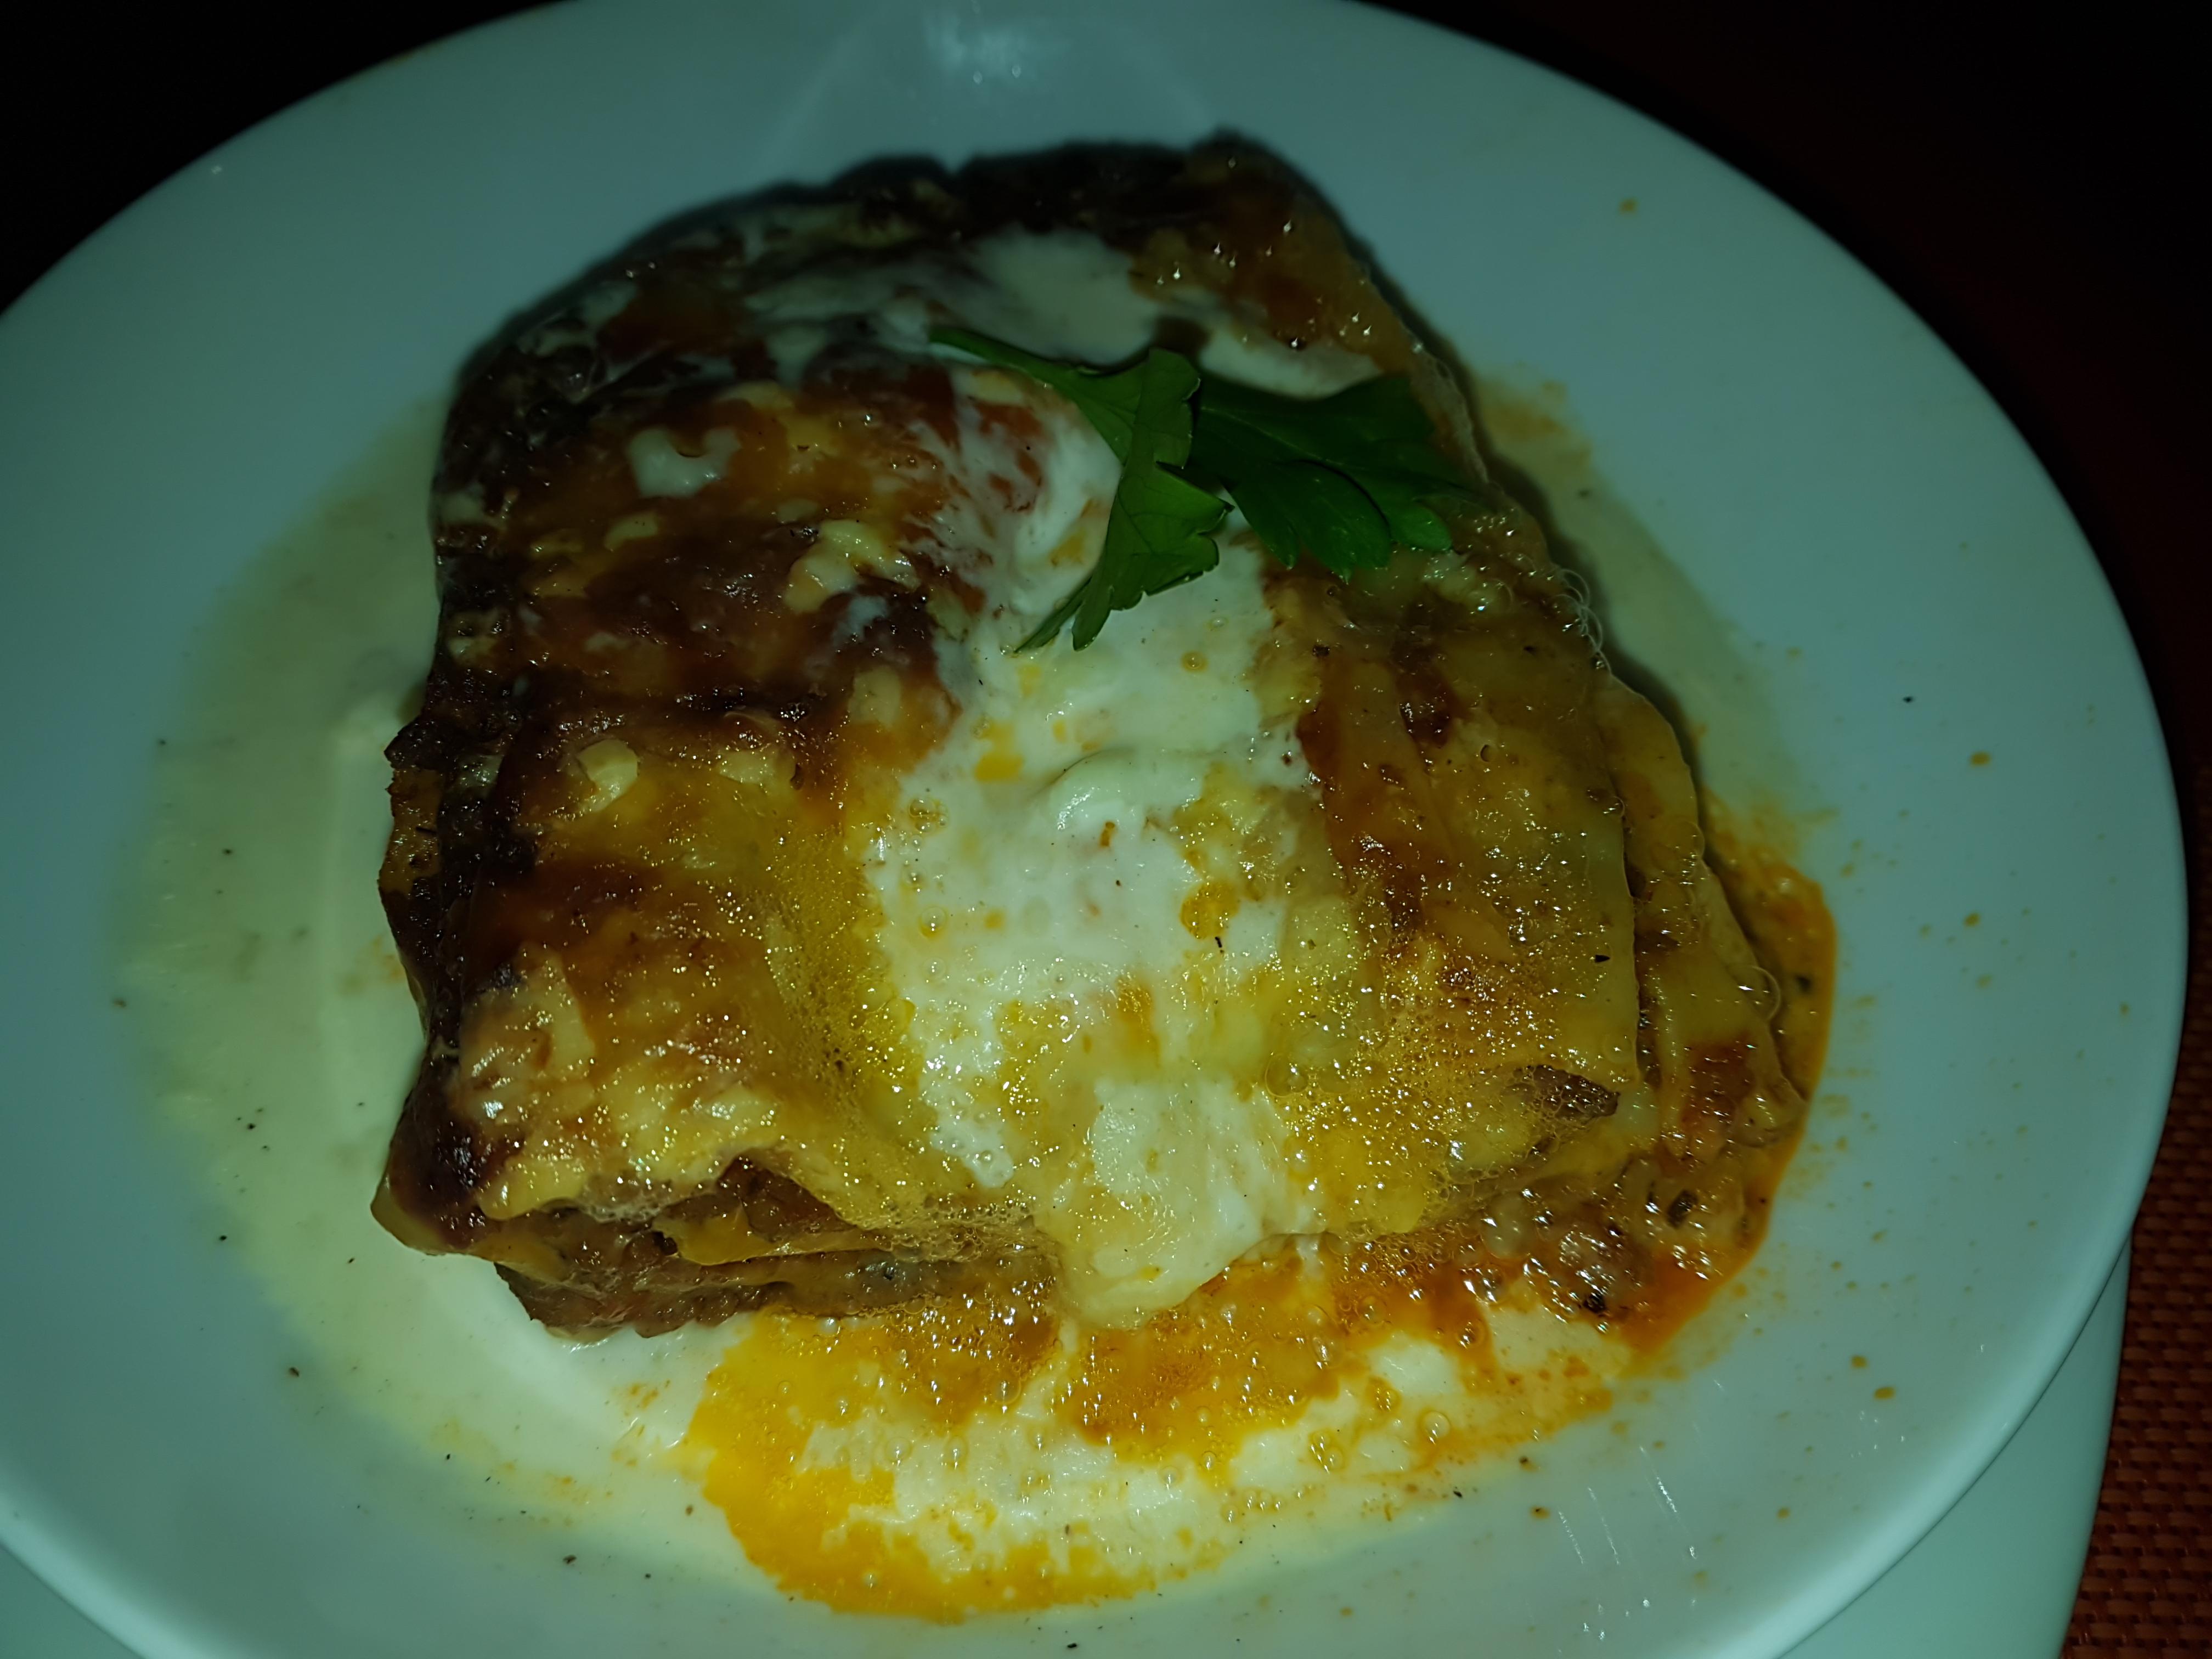 http://foodloader.net/Holz_2017-10-22_Lasagne.jpg